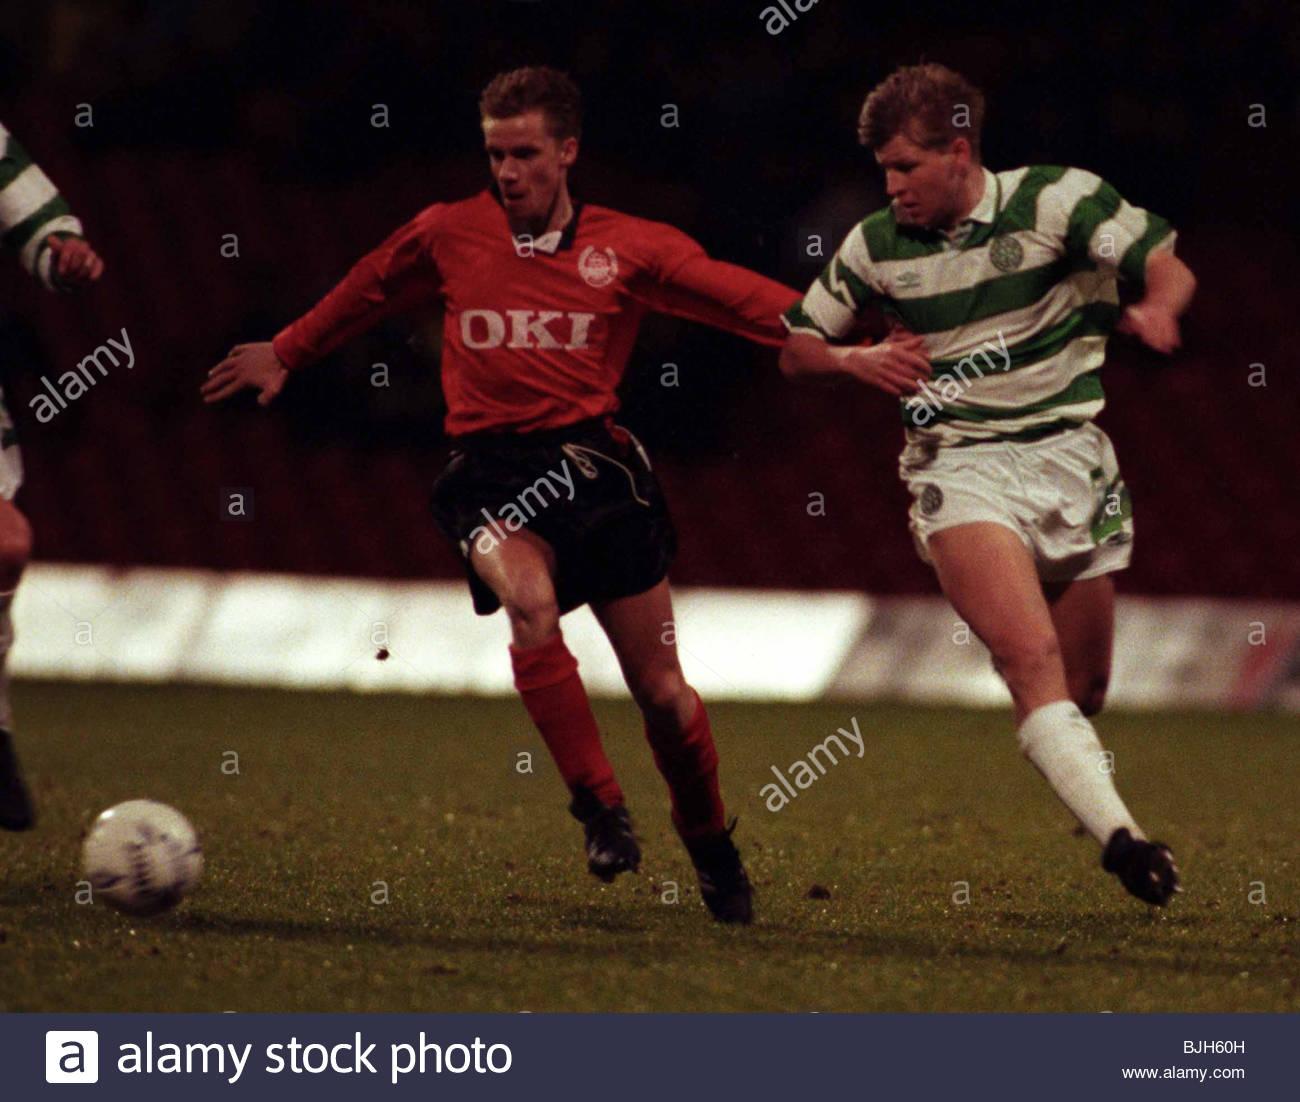 SEASON 1992/1993 CELTIC V CLYDE CELTIC PARK - GLASGOW Celtic's Gerry Creany (right) battles for possession. - Stock Image